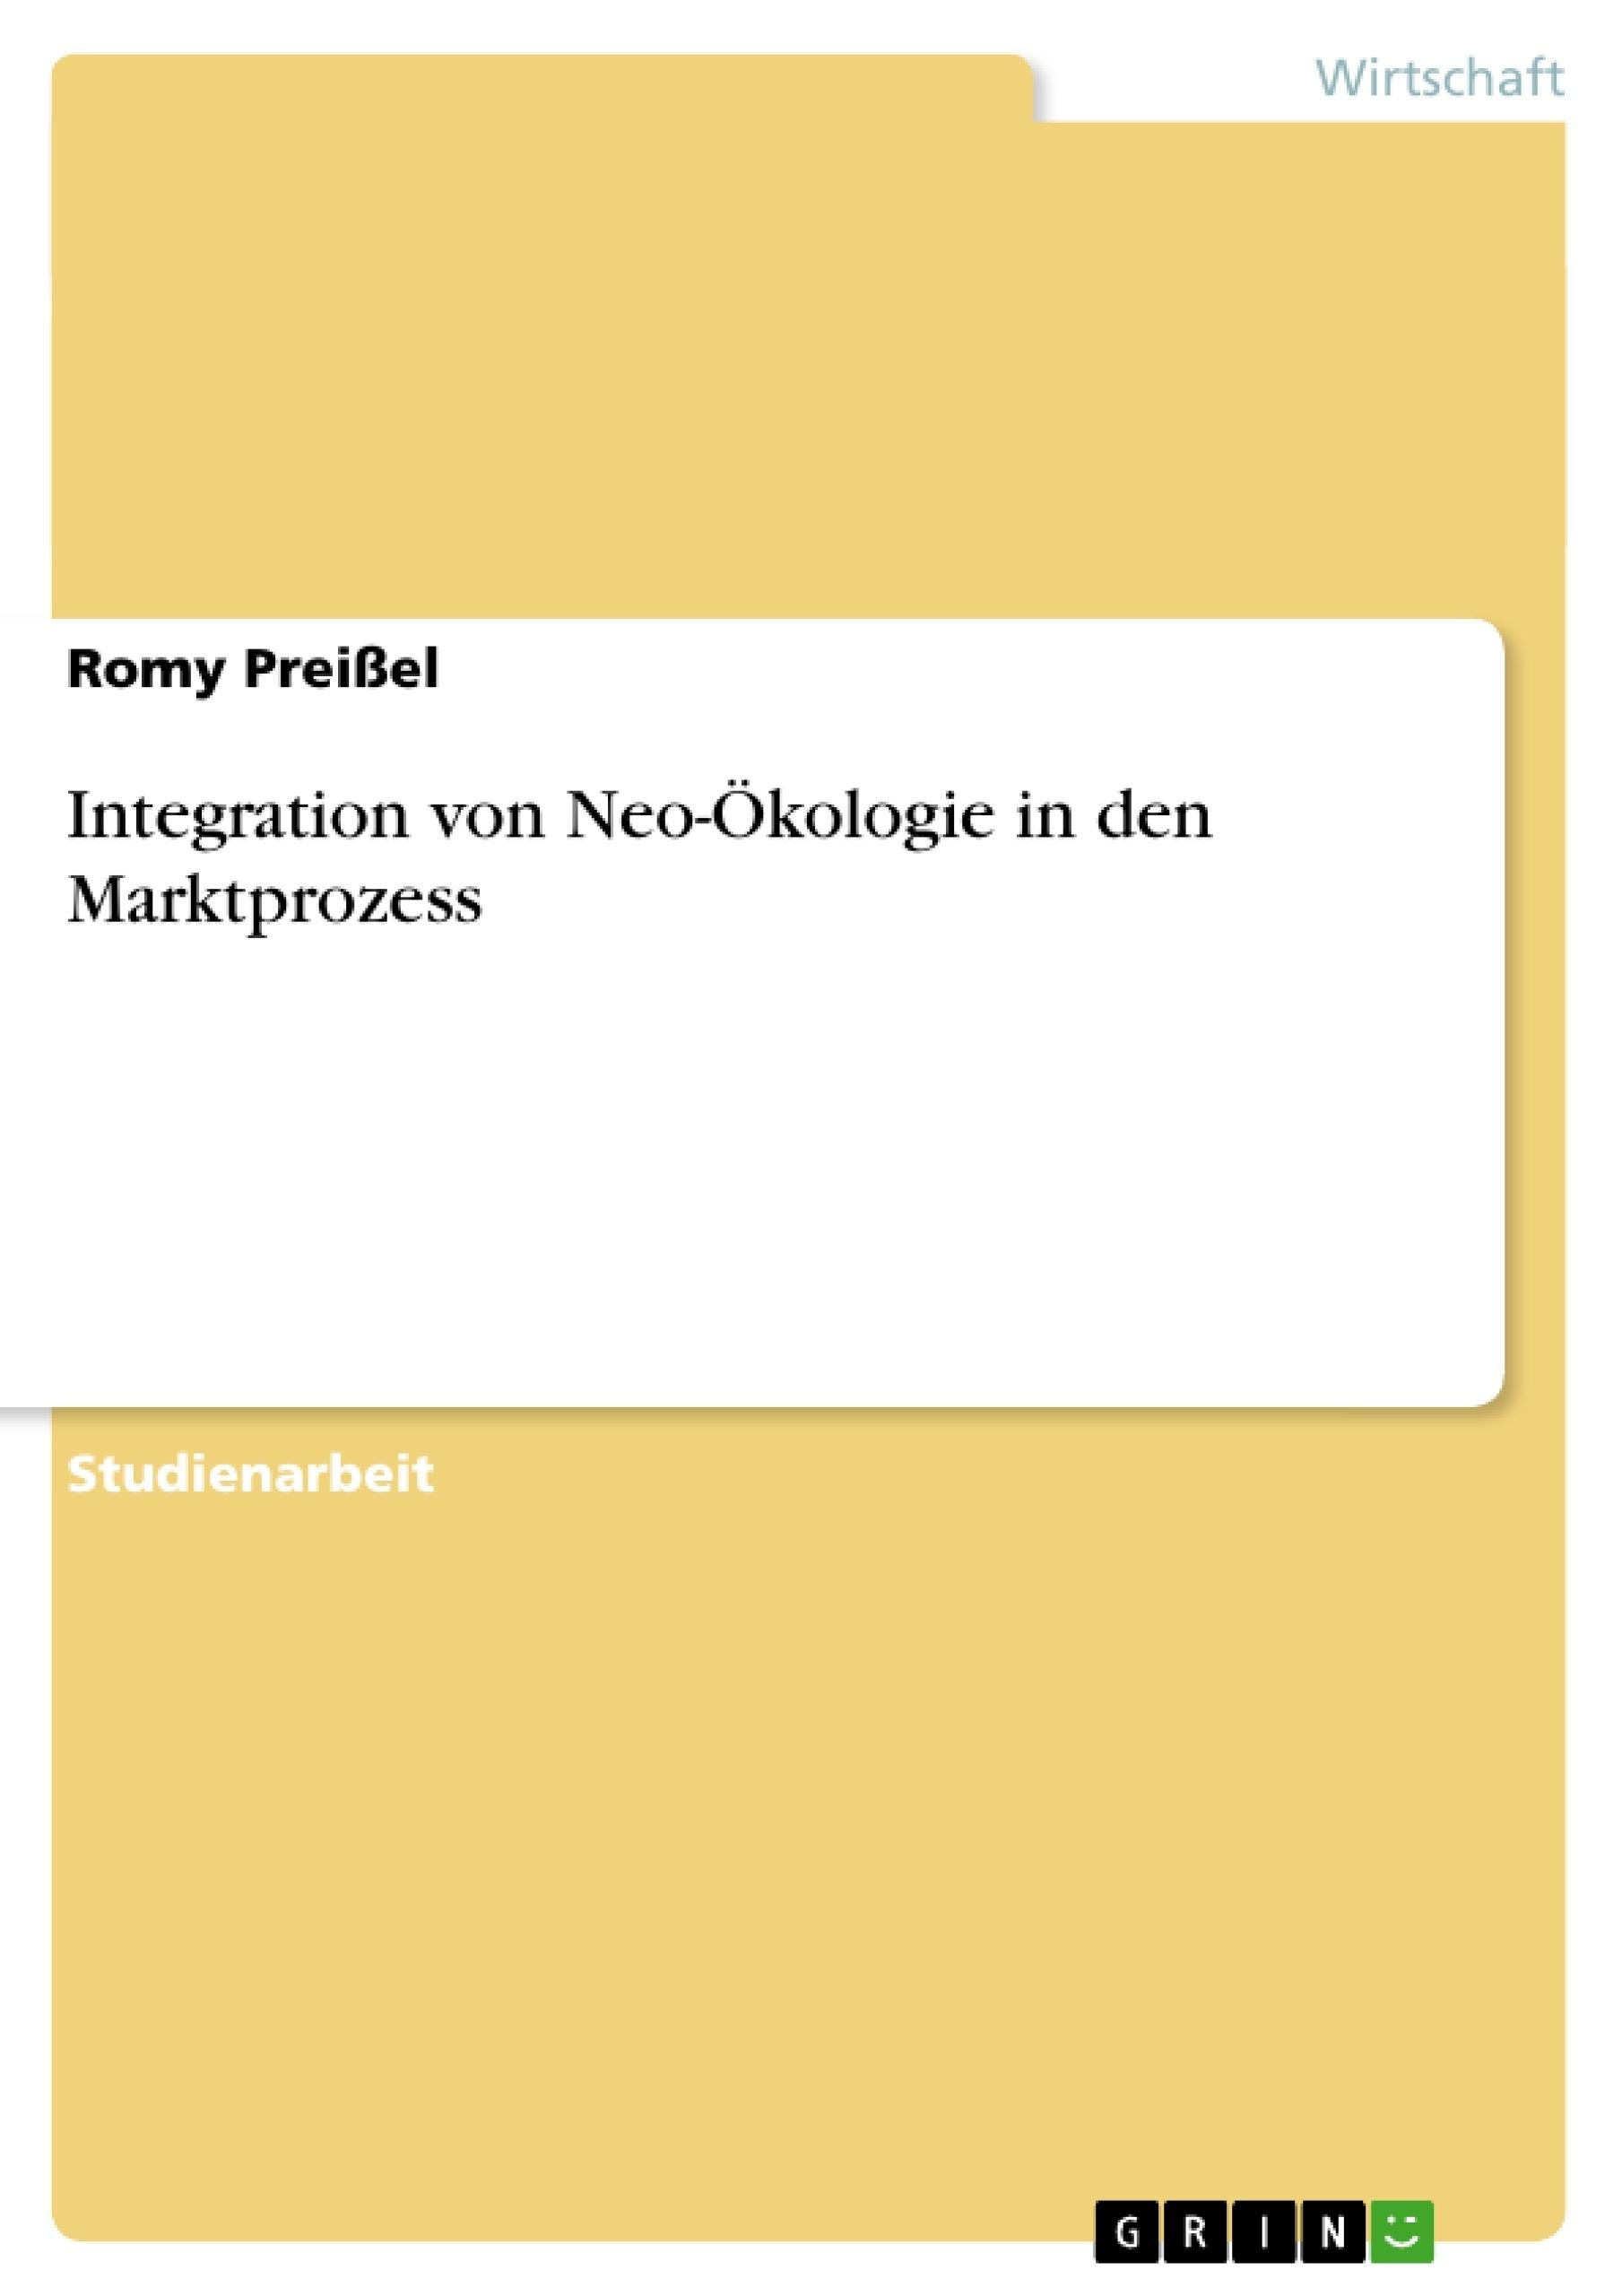 Titel: Integration von Neo-Ökologie in den Marktprozess